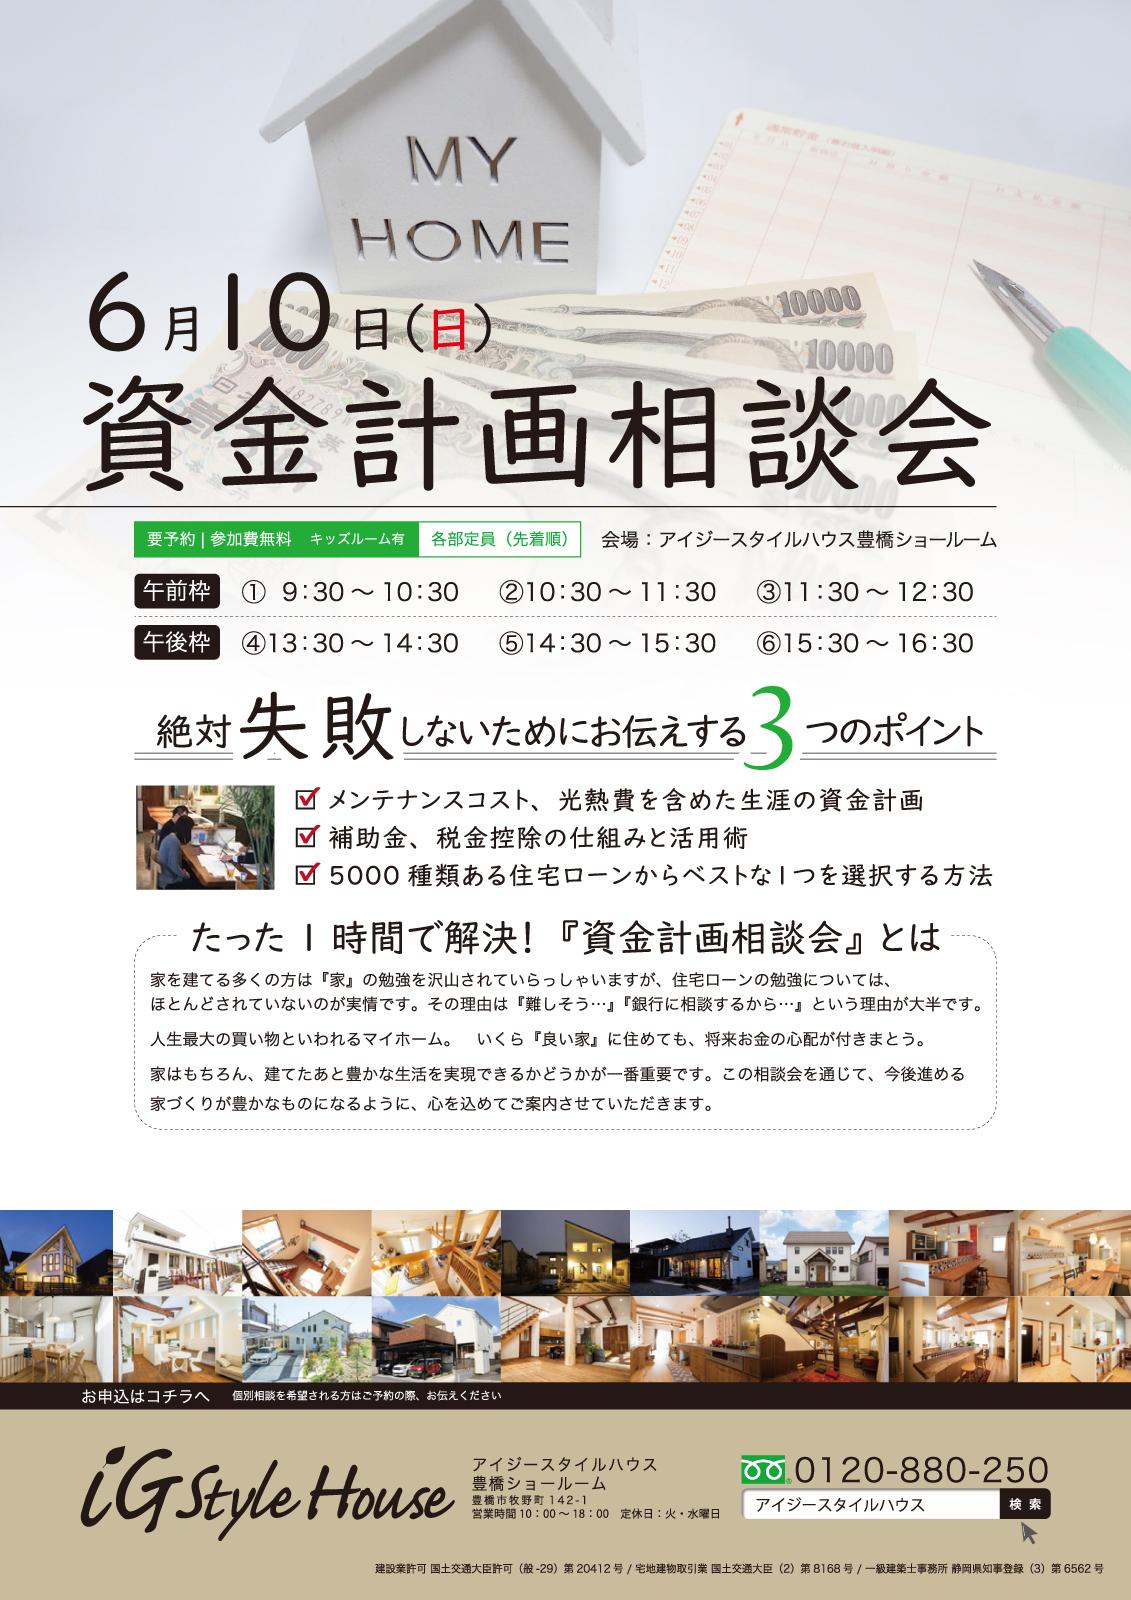 6月10日 資金計画相談会@豊橋SR